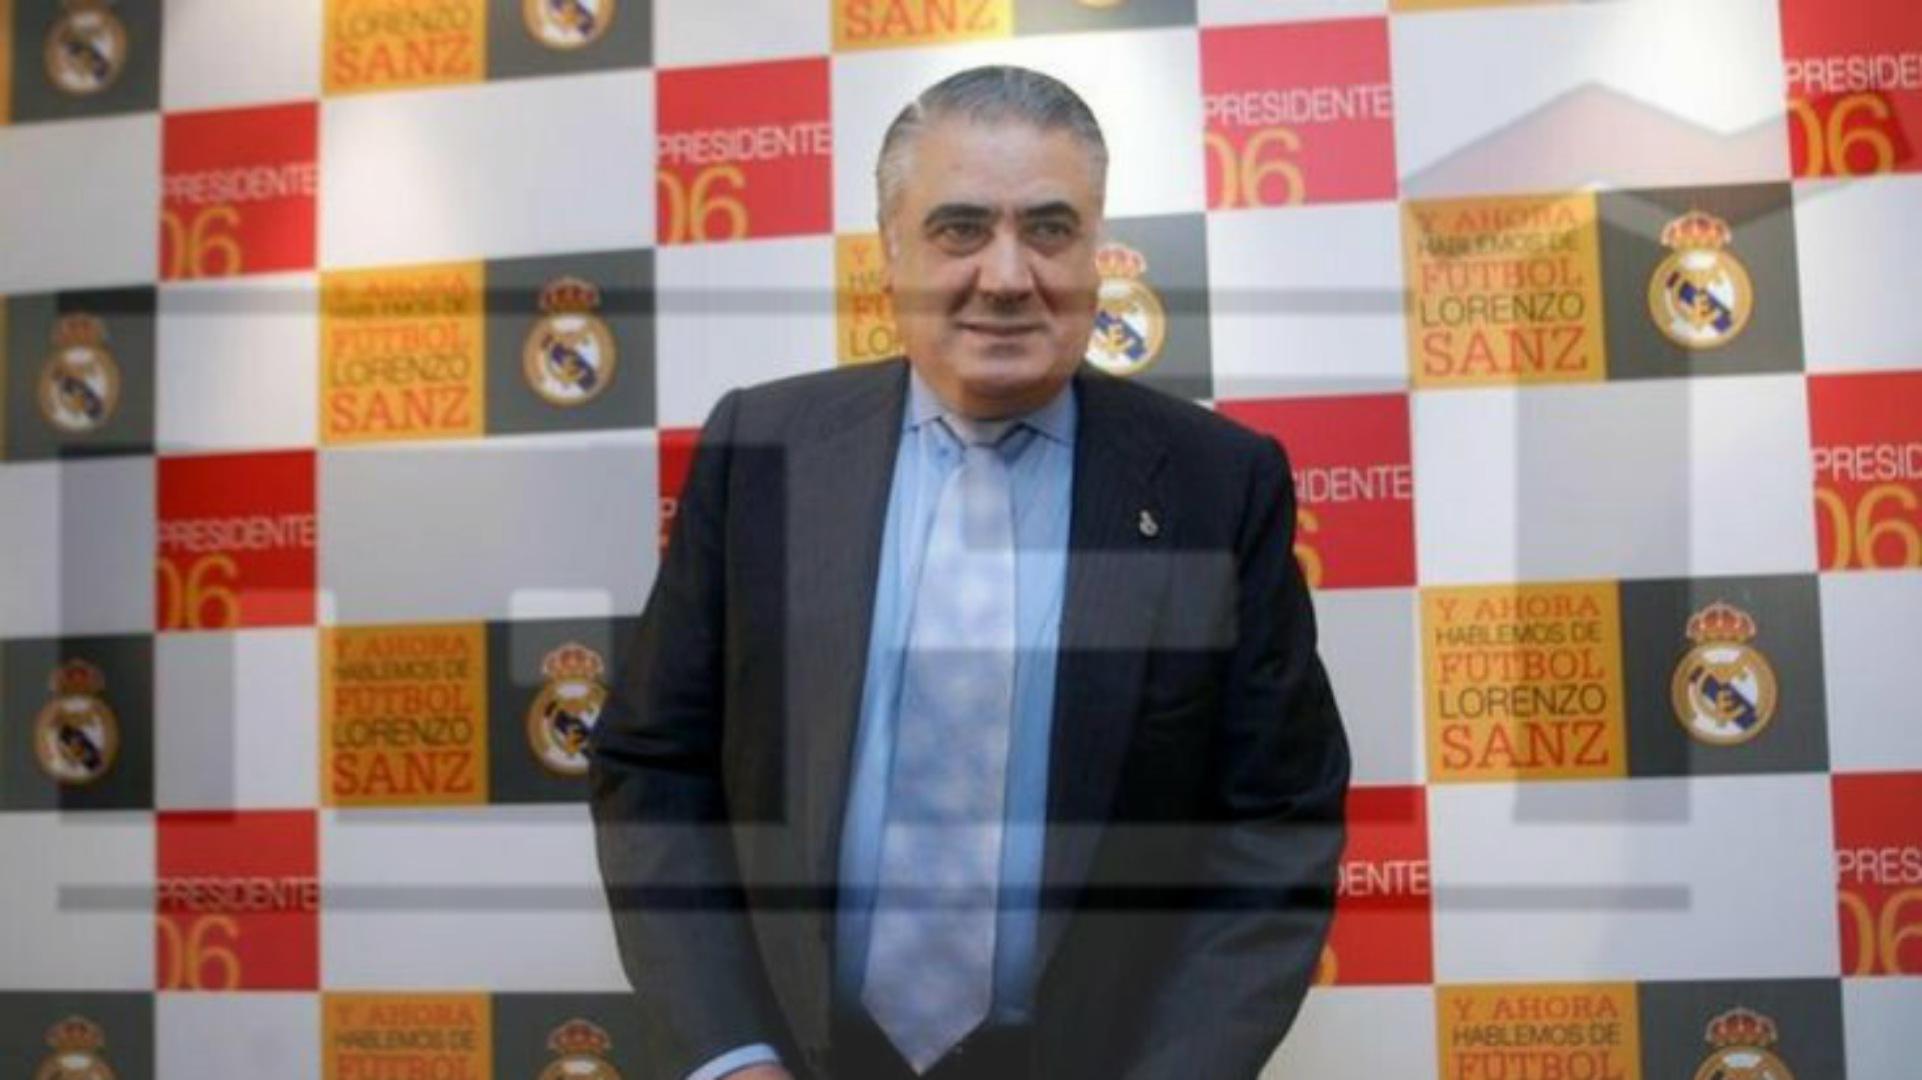 رئيس نادي ريال مدريد الأسبق لورنزو سانز